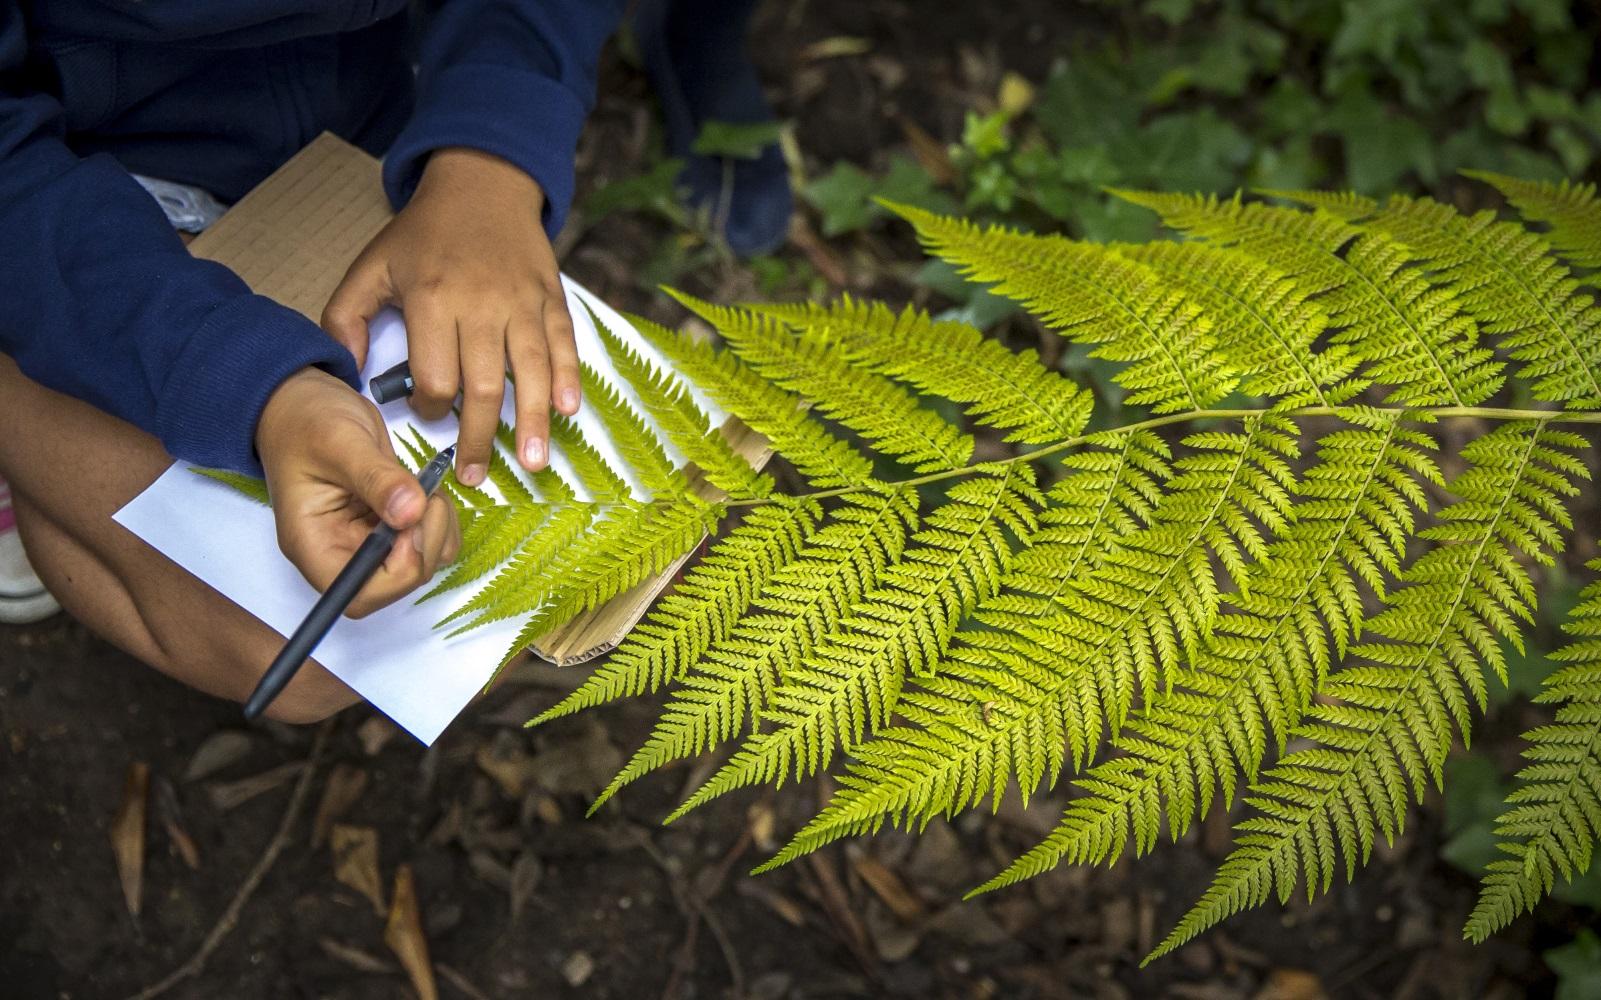 Biodiversidade no Jardim: a fauna e a flora